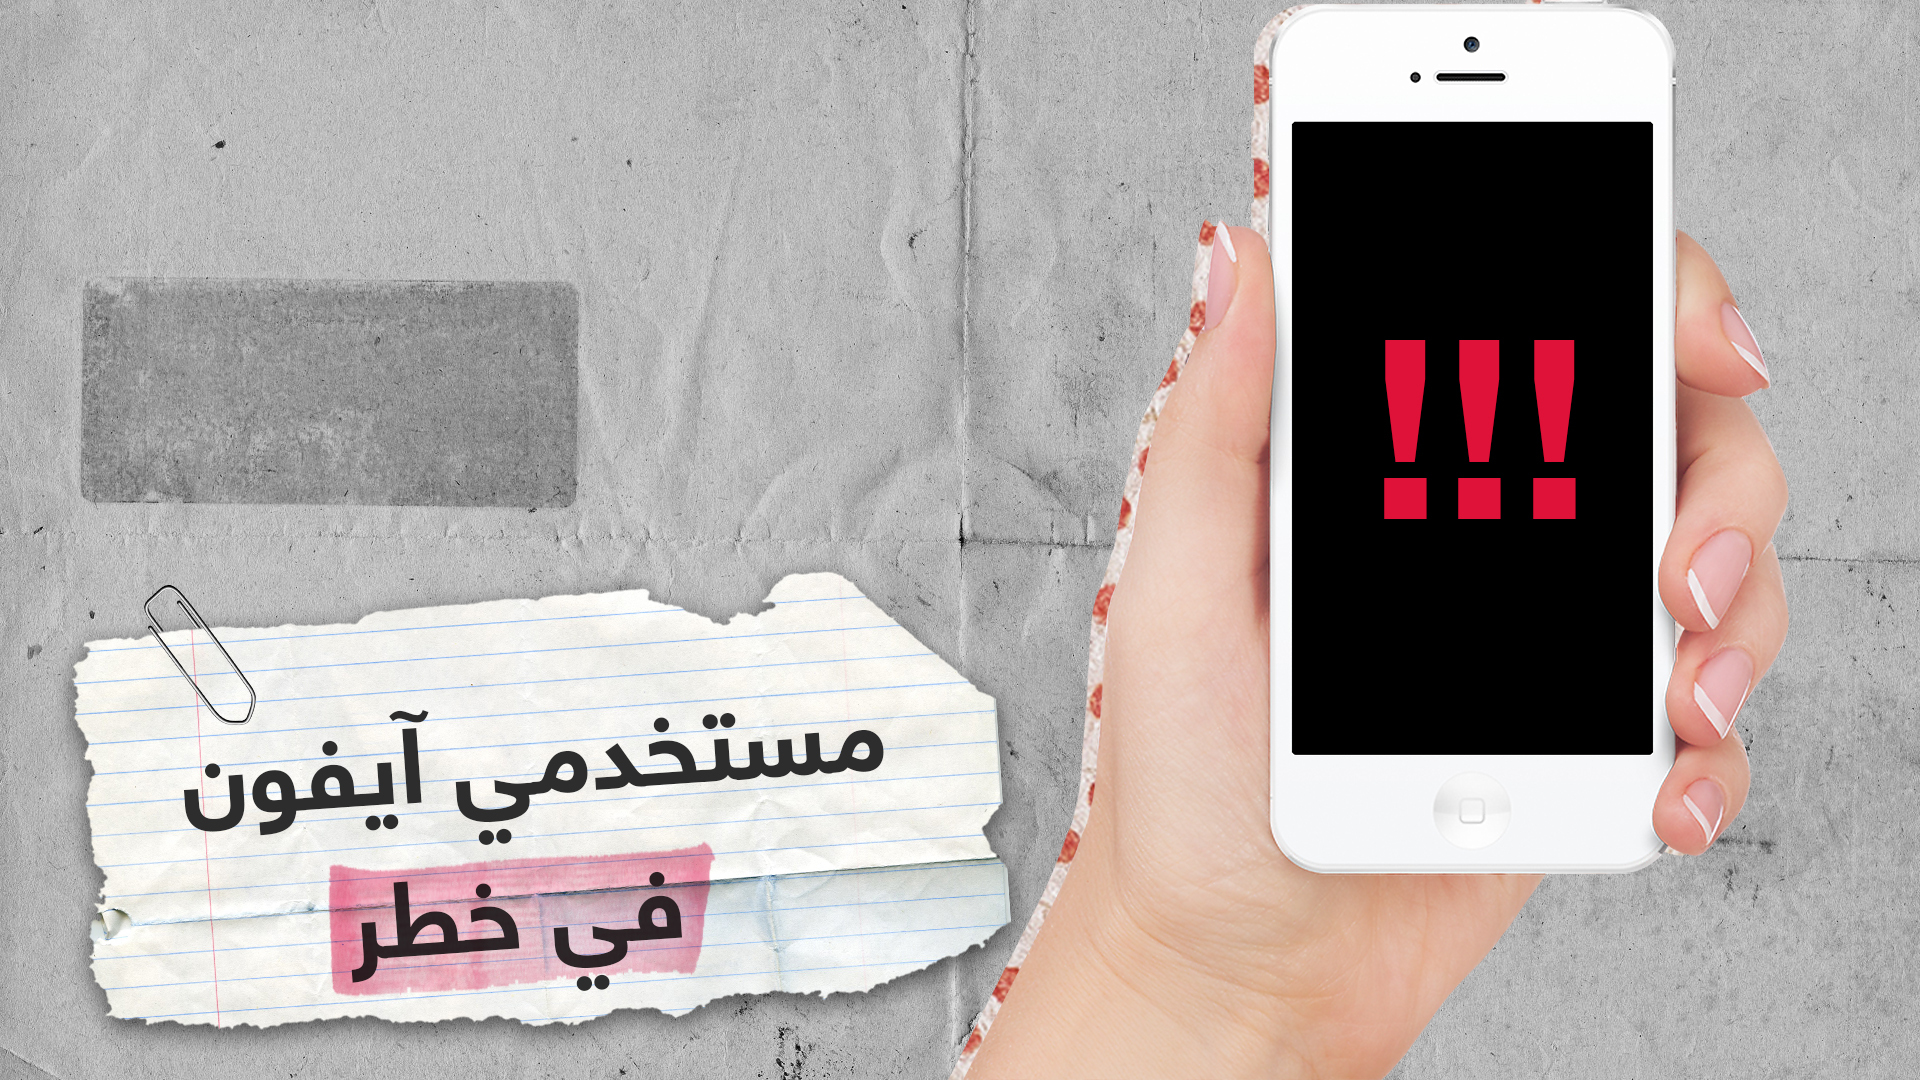 شركة إسرائلية تتهم فيسبوك بمحاولة التجسس على مستخدمي آيفون